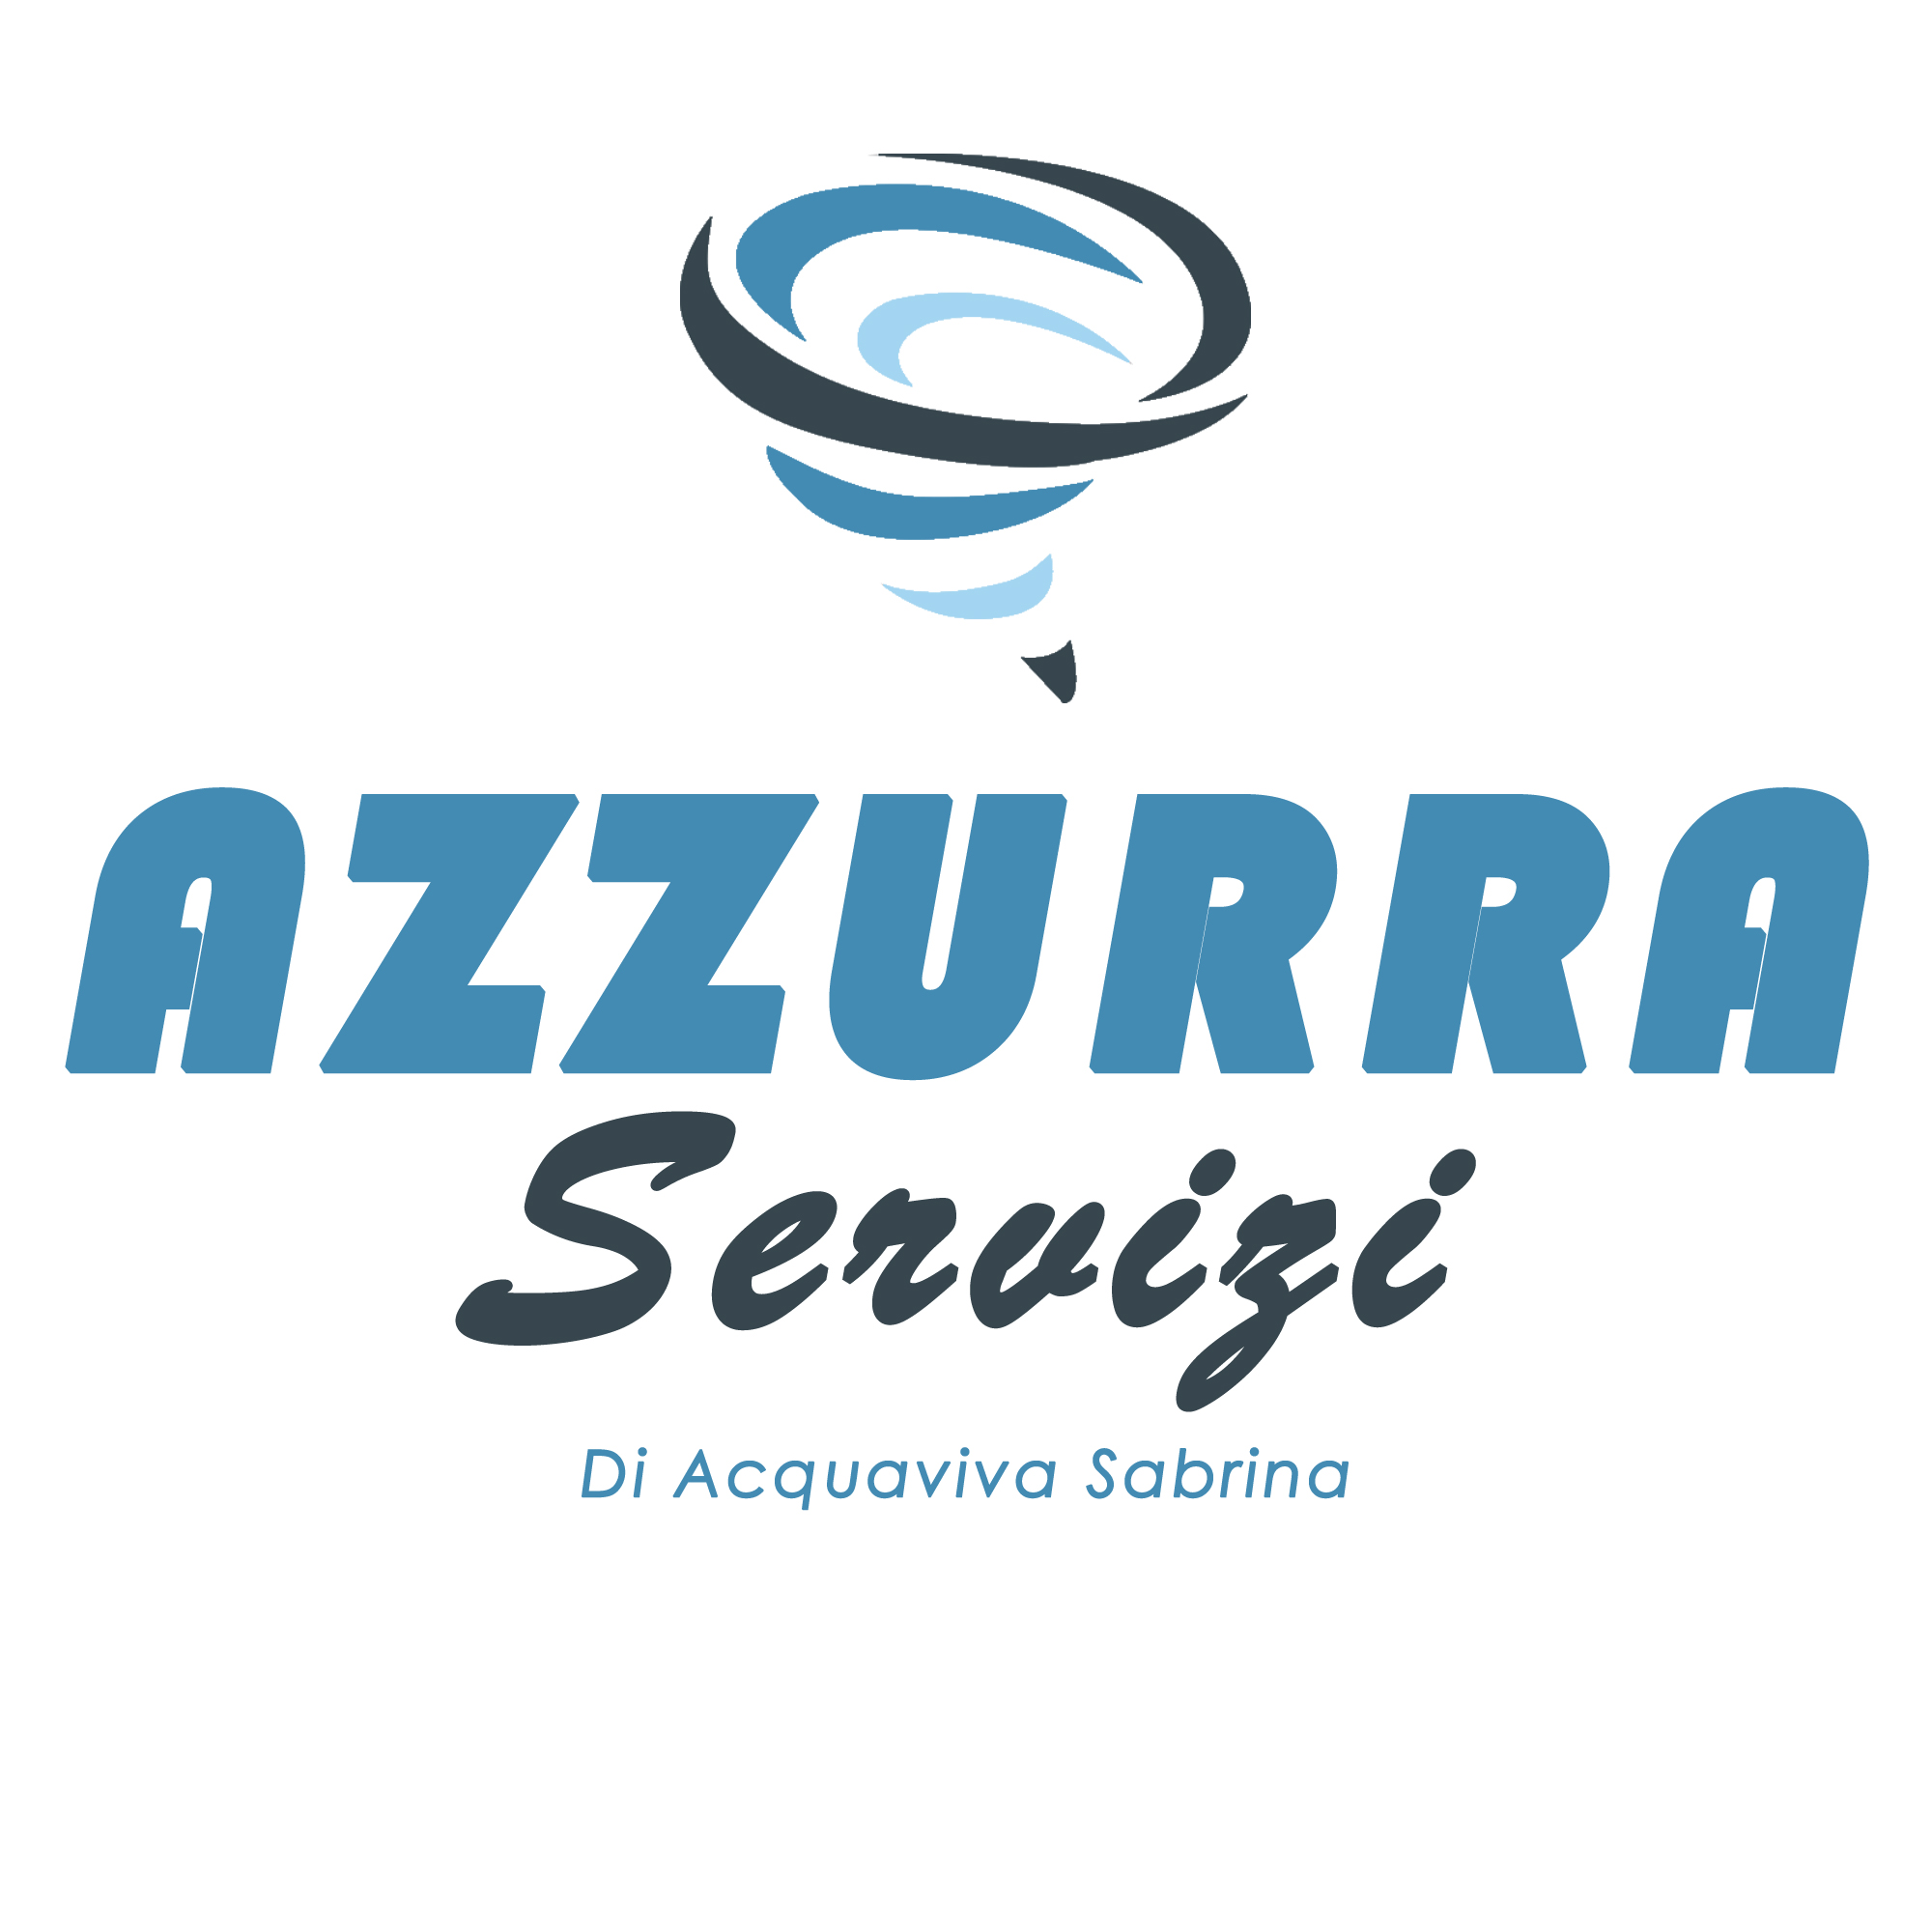 logo azzurra servizi22